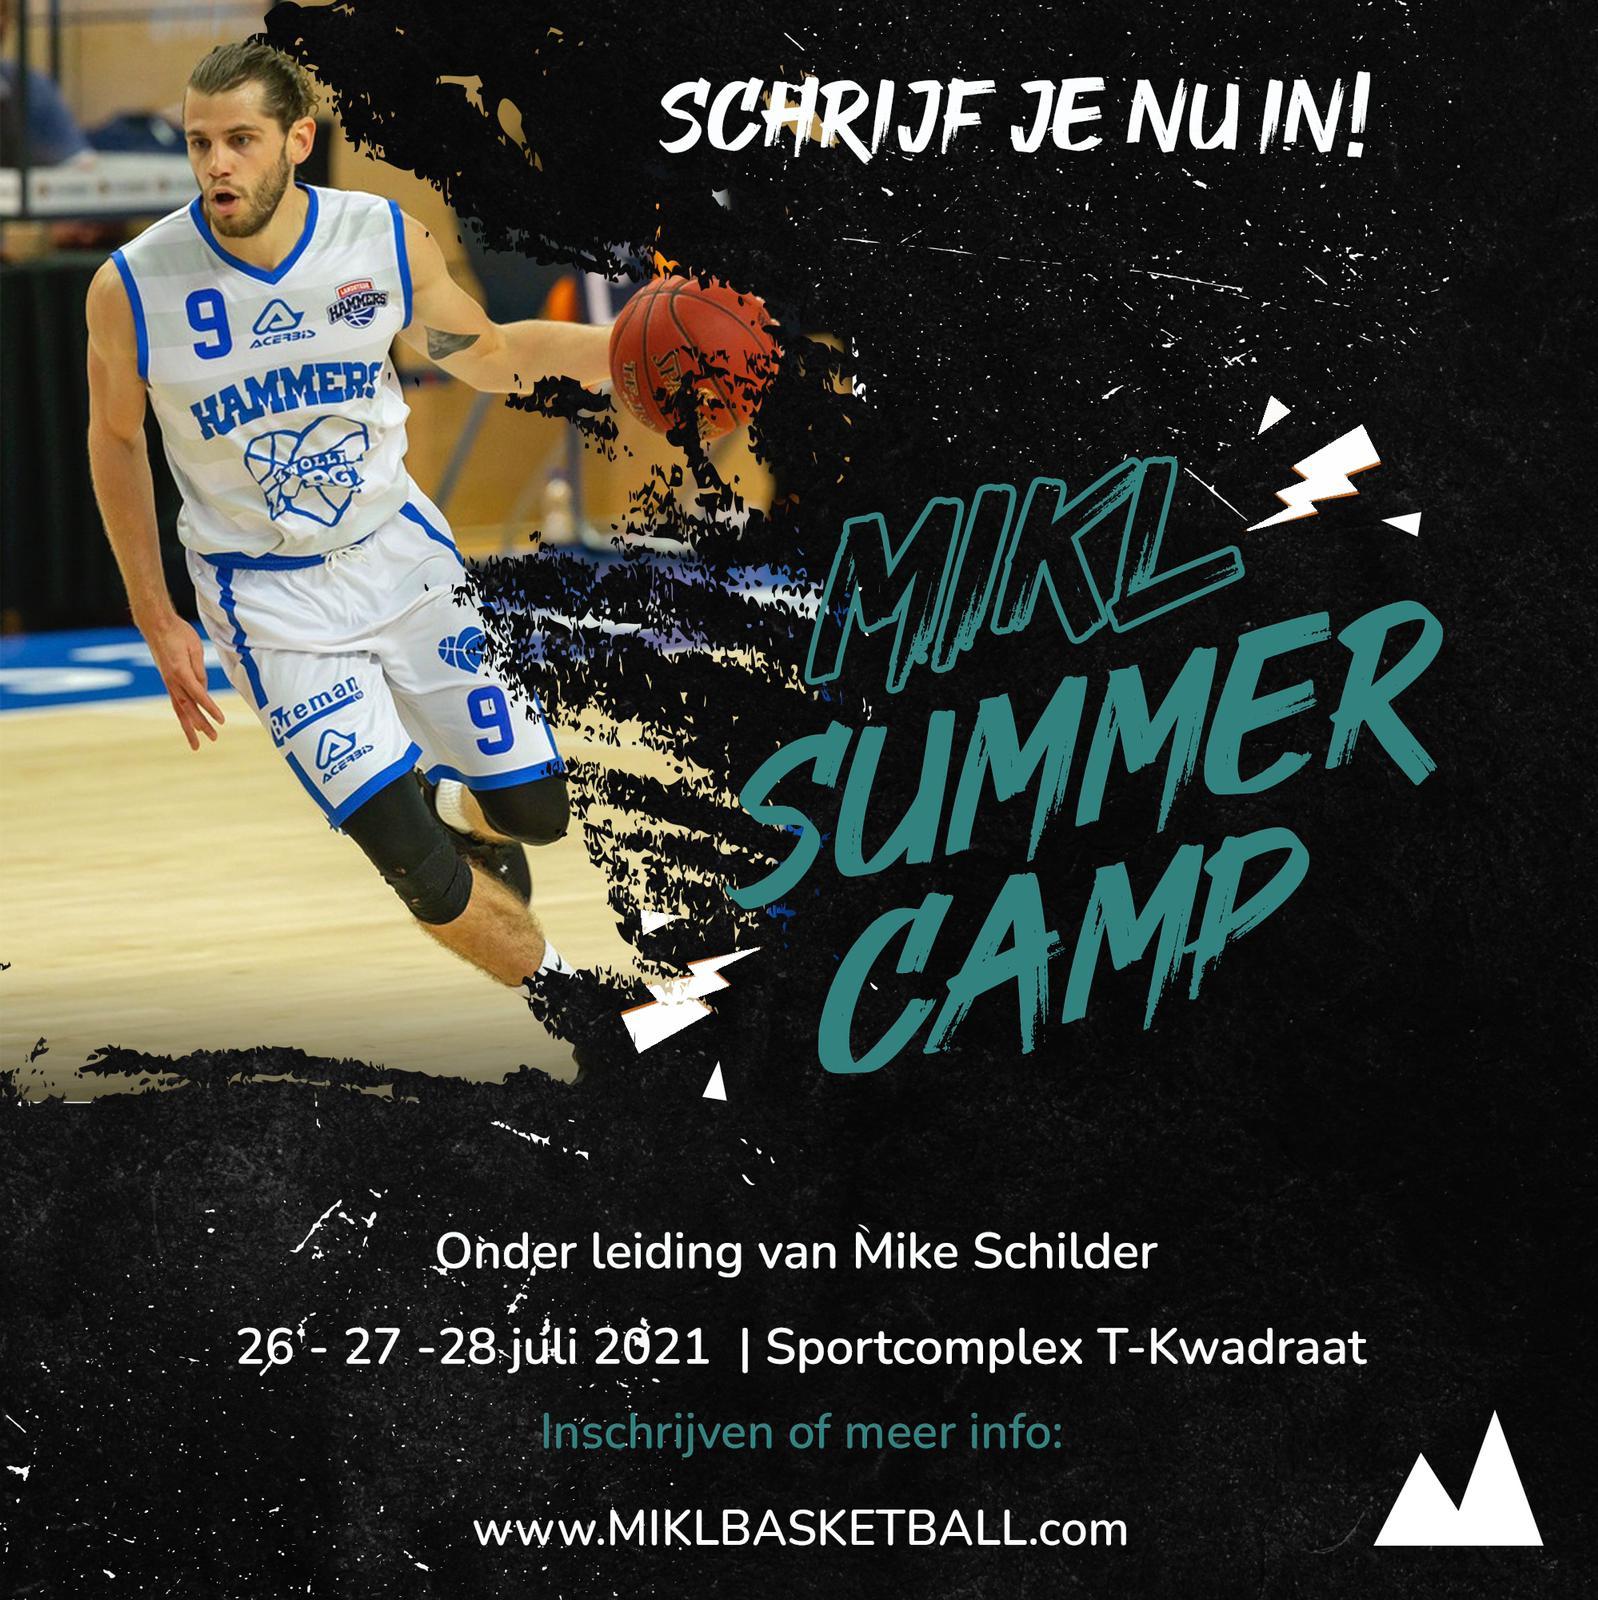 Meld je nu aan voor het MIKL Basketball Camp Tilburg op 26, 27 en 28 juli